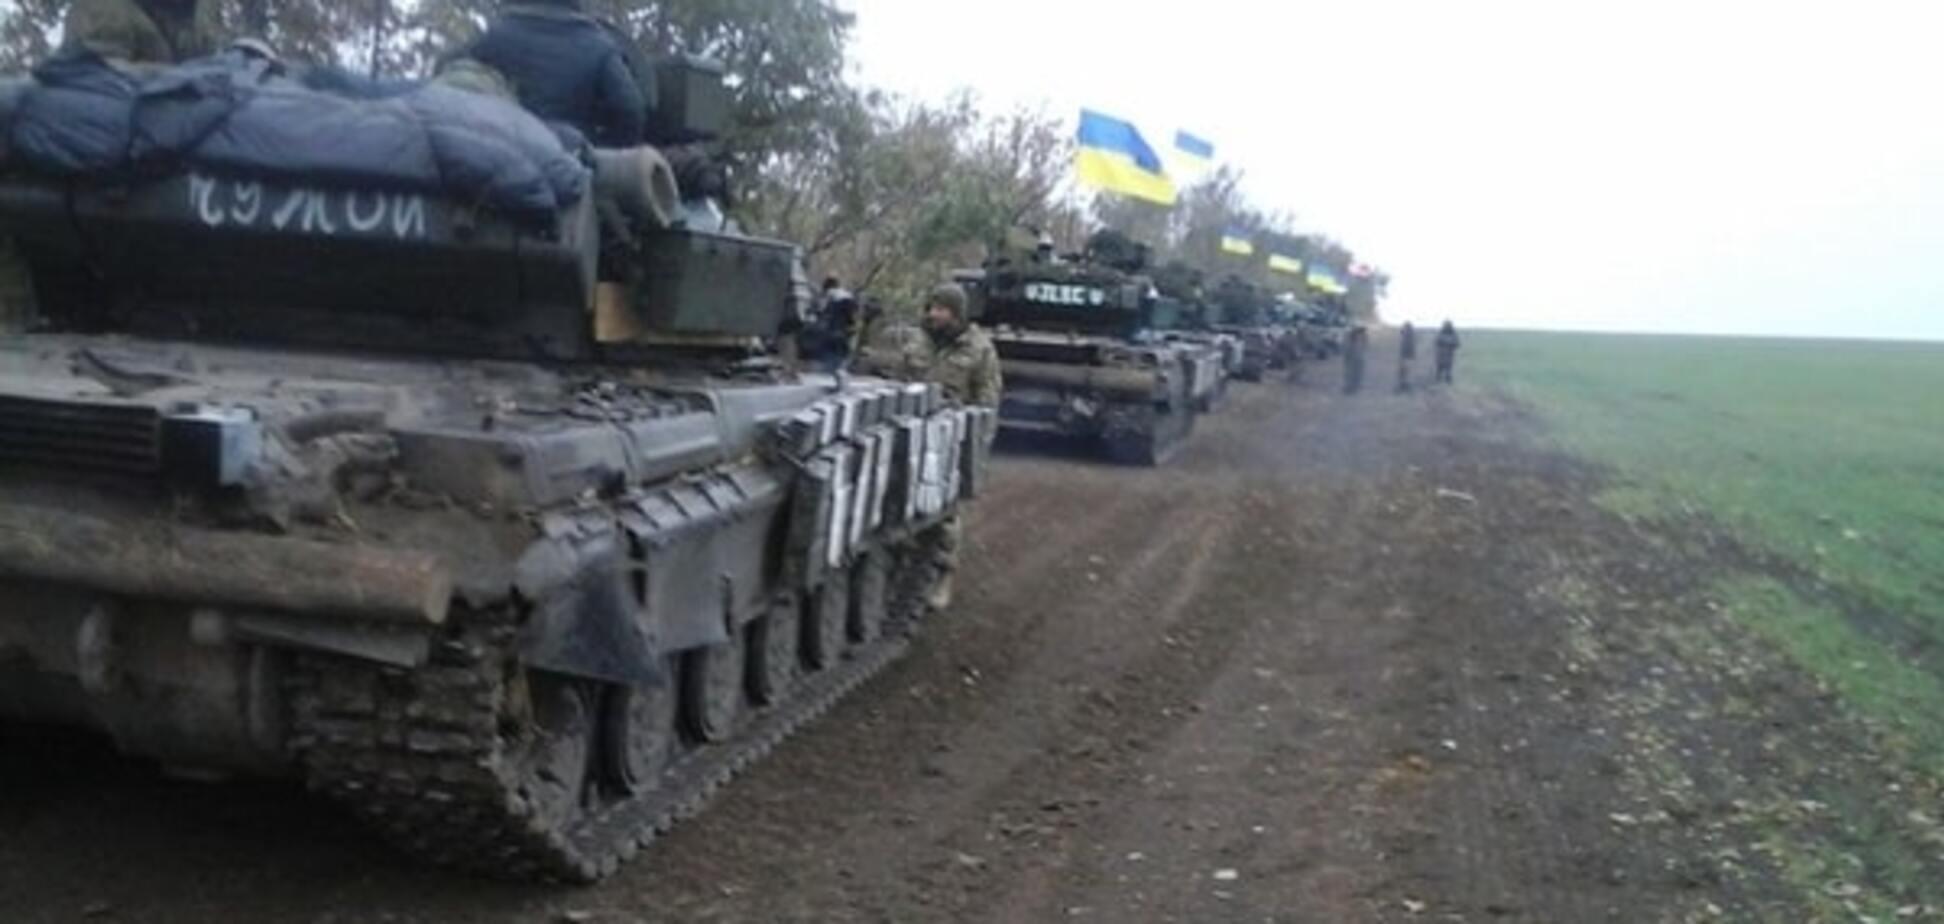 Один наш Т-64 проти семи ворожих: танкіст розповів про подвиги побратимів на Саур-Могилі. Фоторепортаж